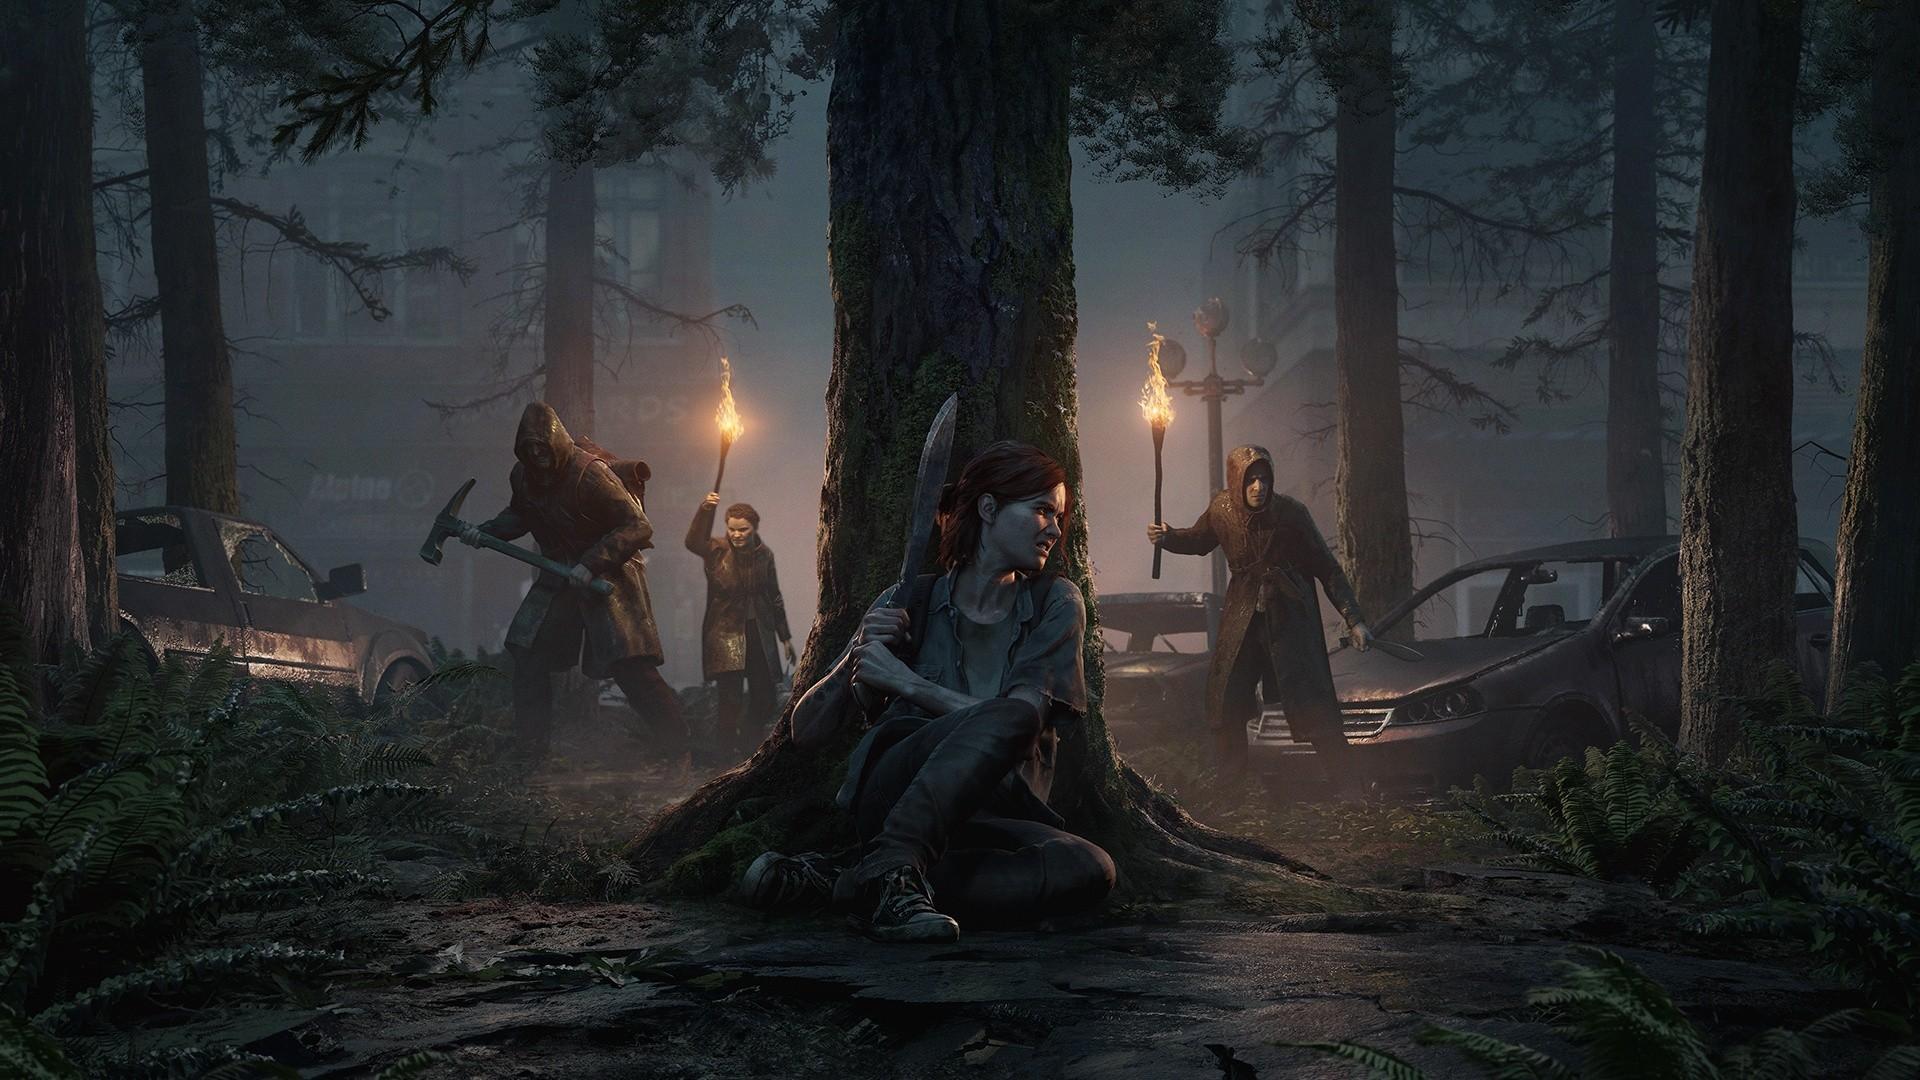 Обзор двух артбуков The Last of Us - история выживания, потери и поиска истинного смысла жизни 40